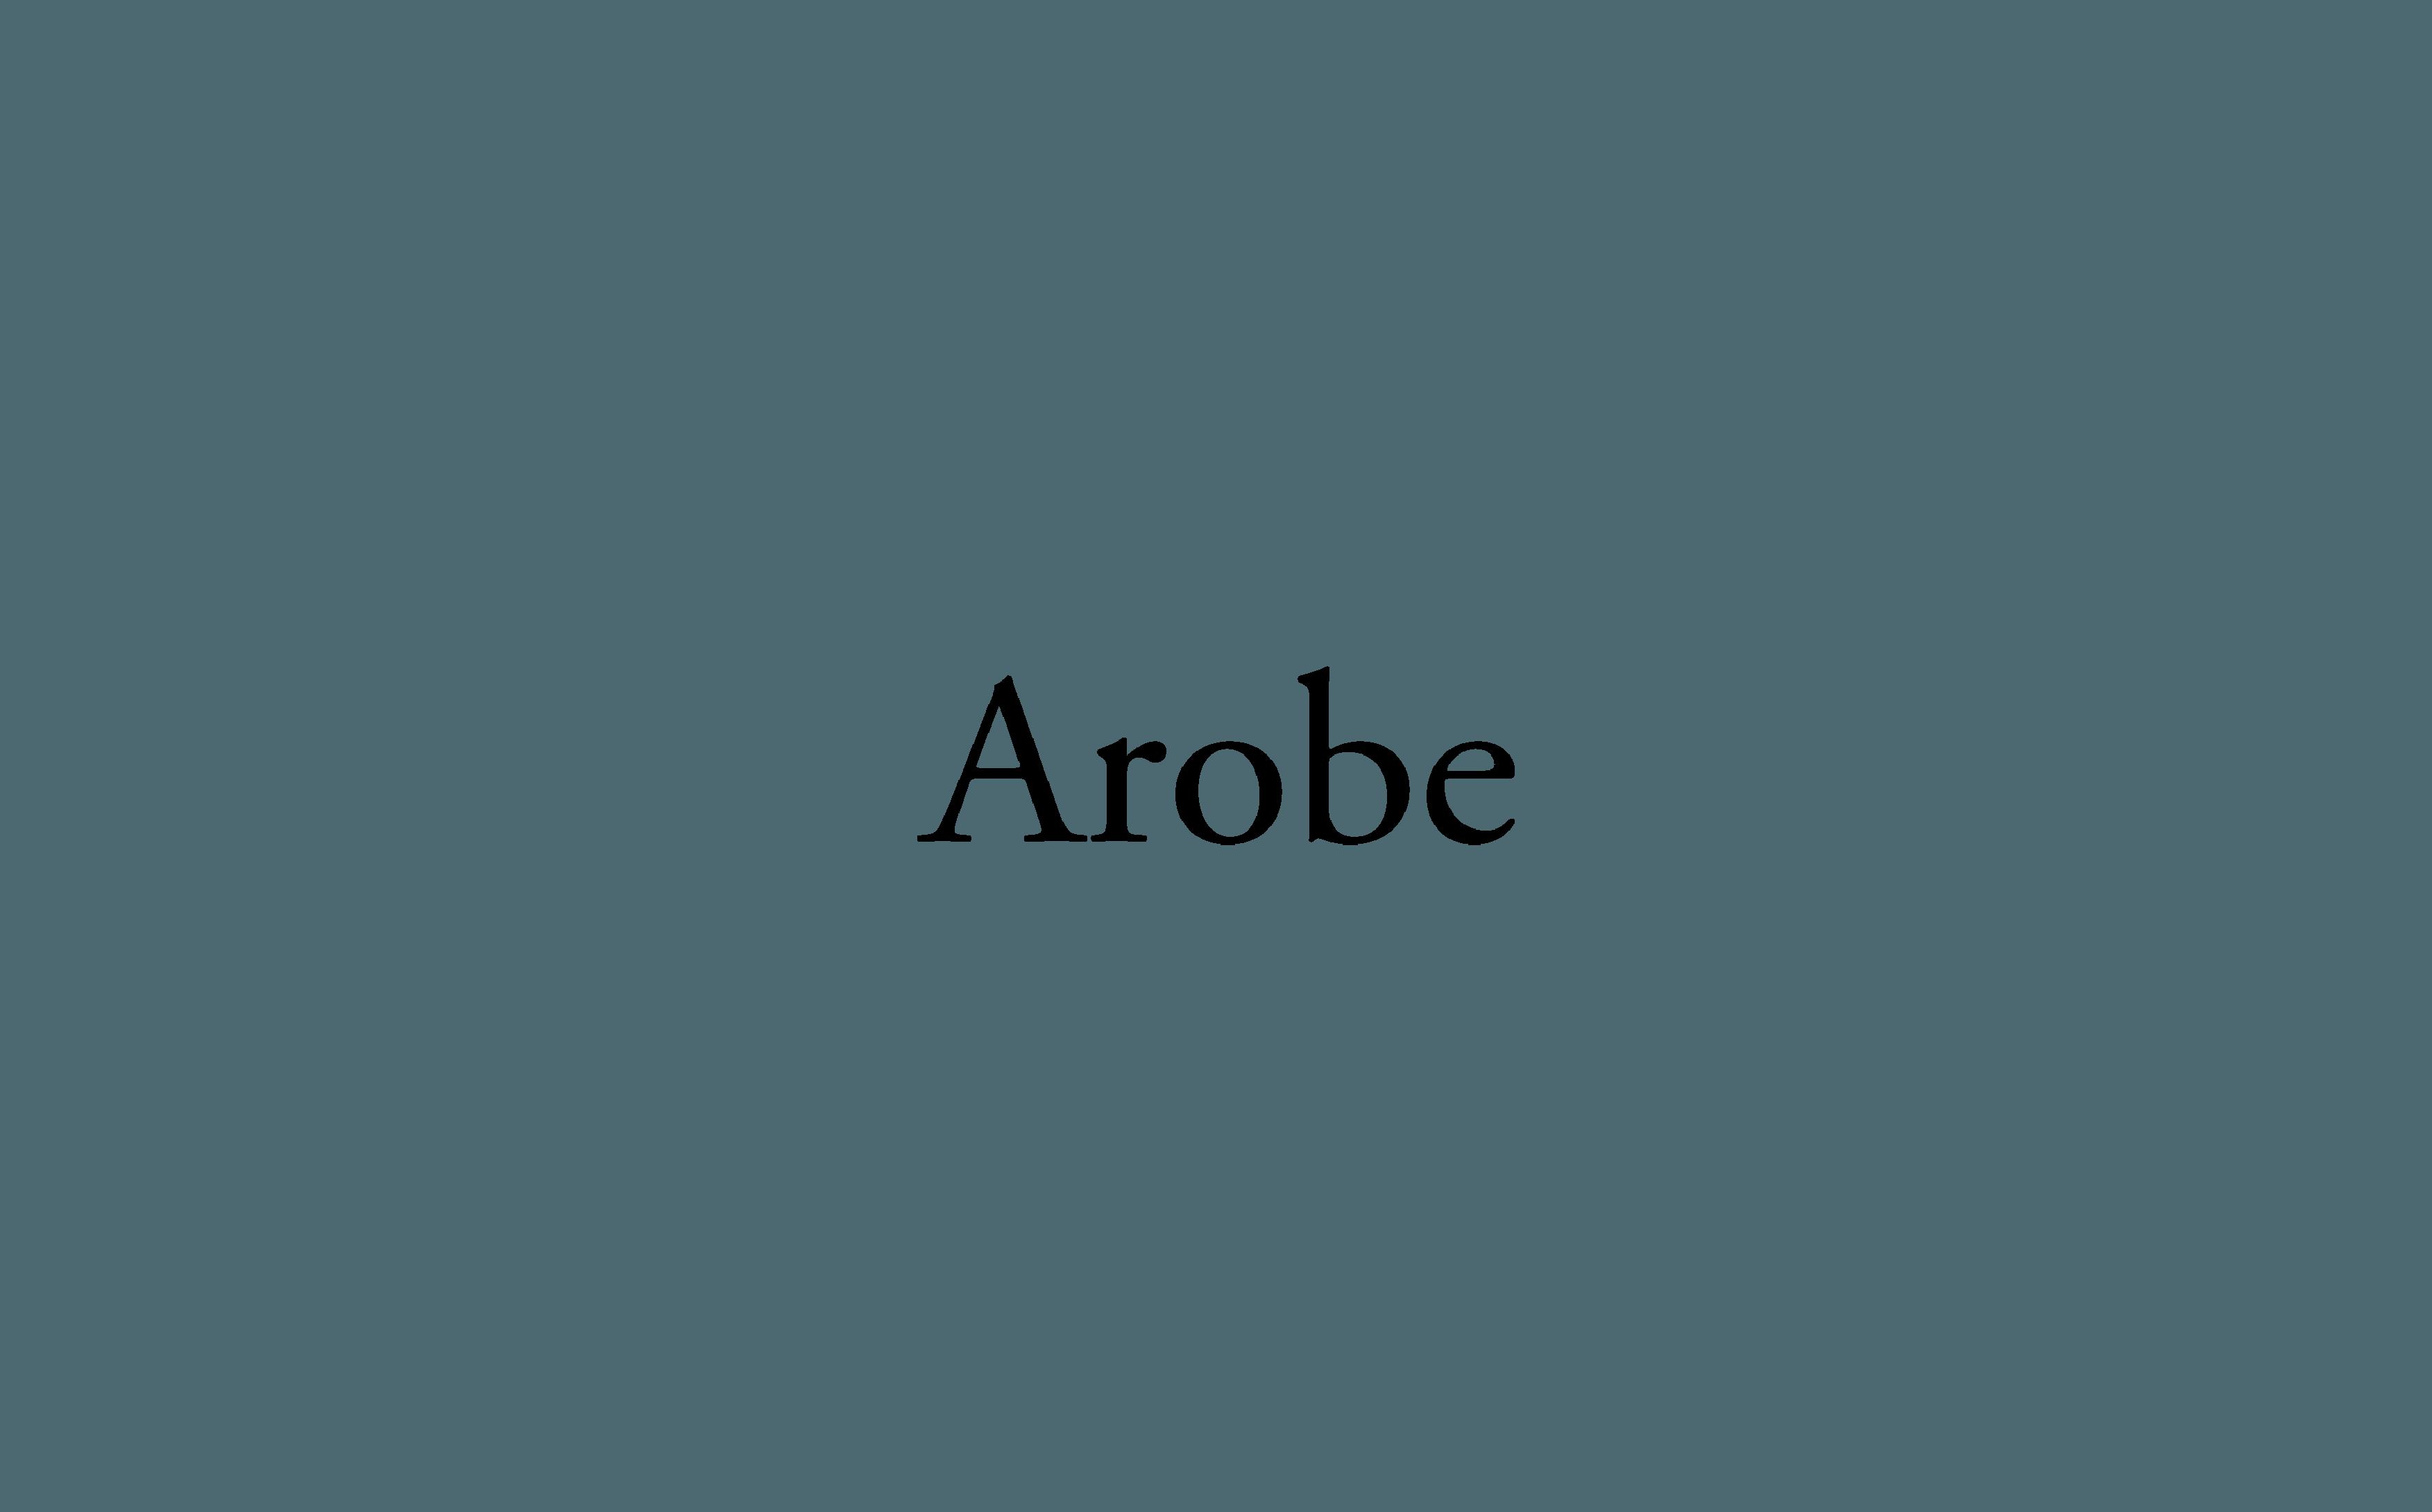 Arobe